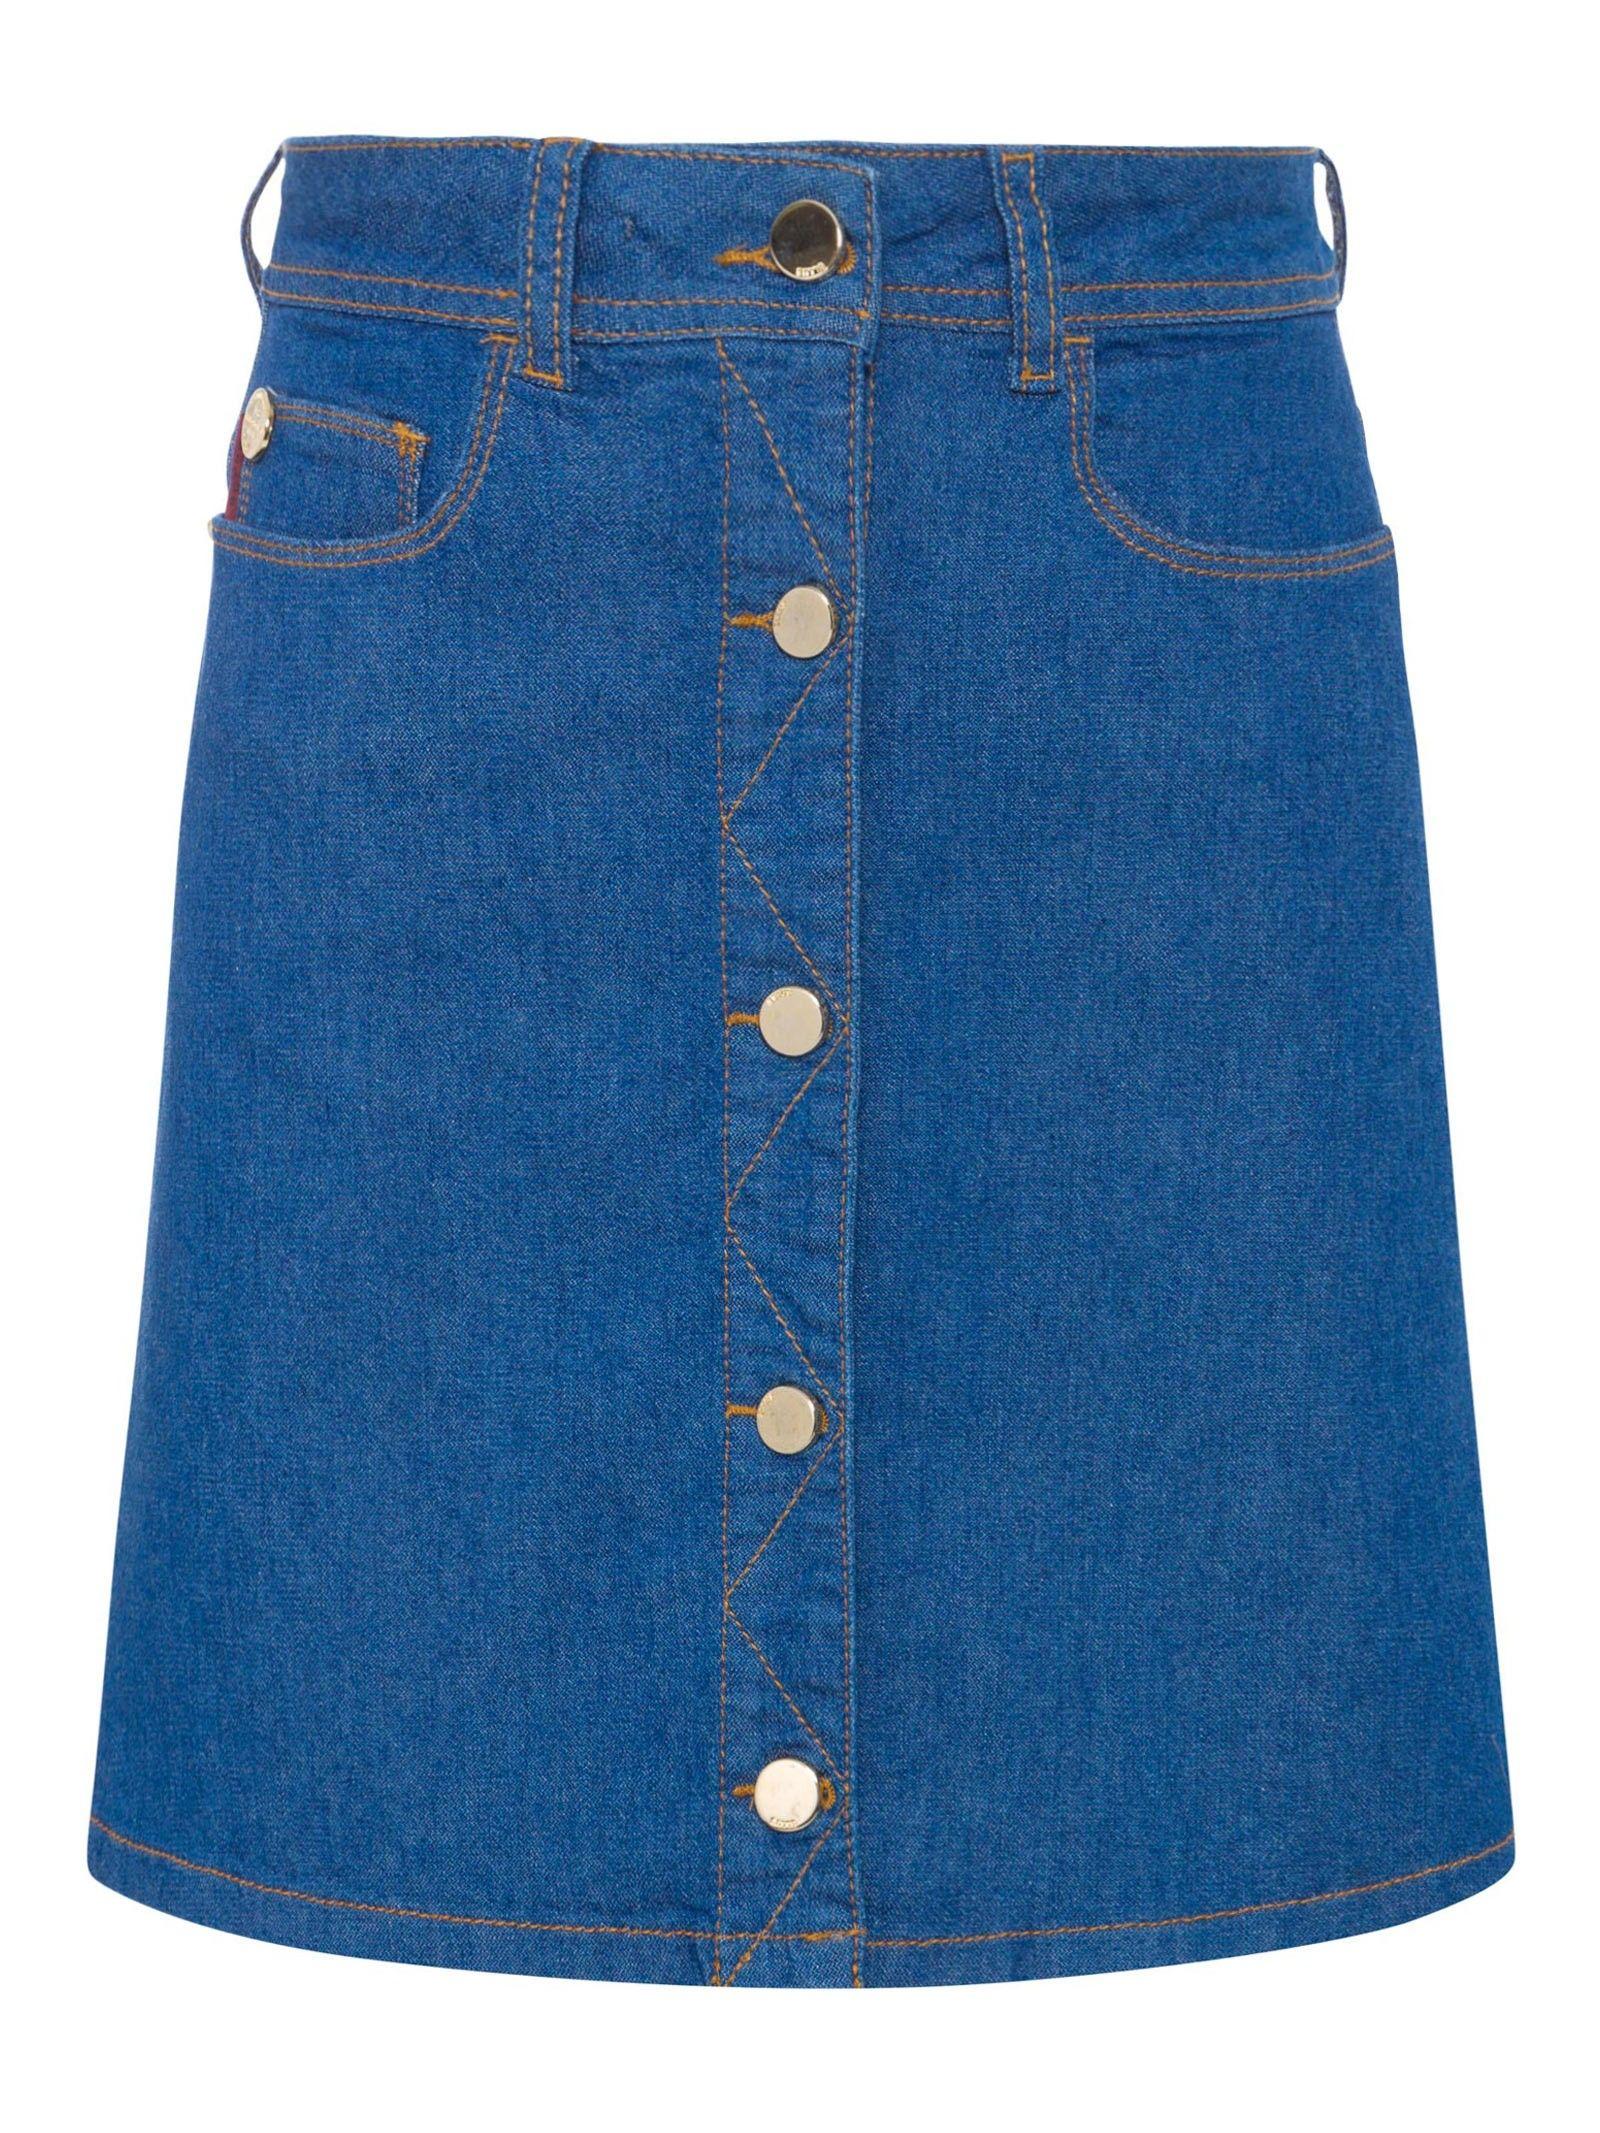 08cb8d3d23 Saia Vintage - Ellus - Azul - Shop2gether